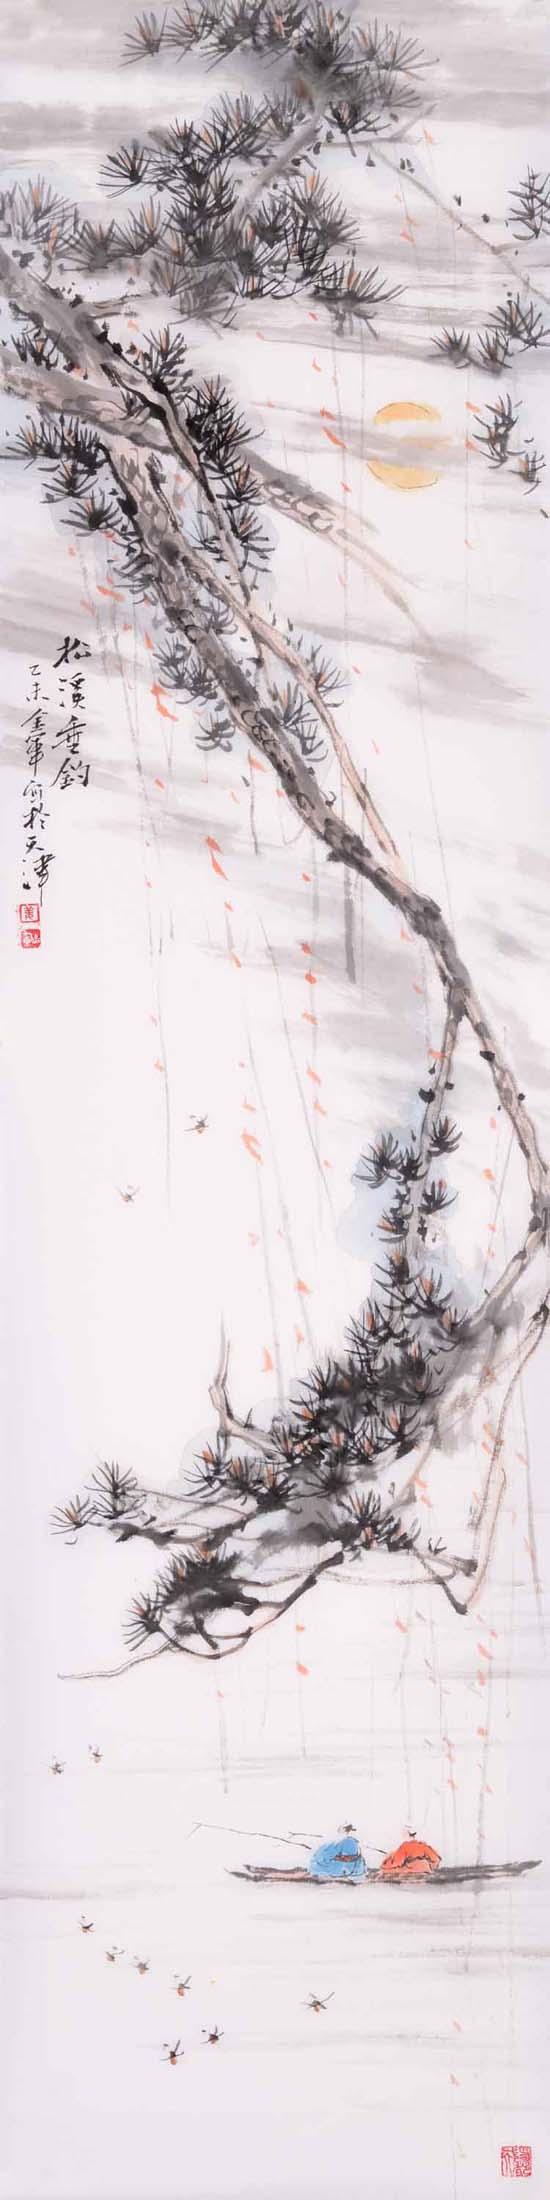 姜金军2015 松溪垂钓30×120cm